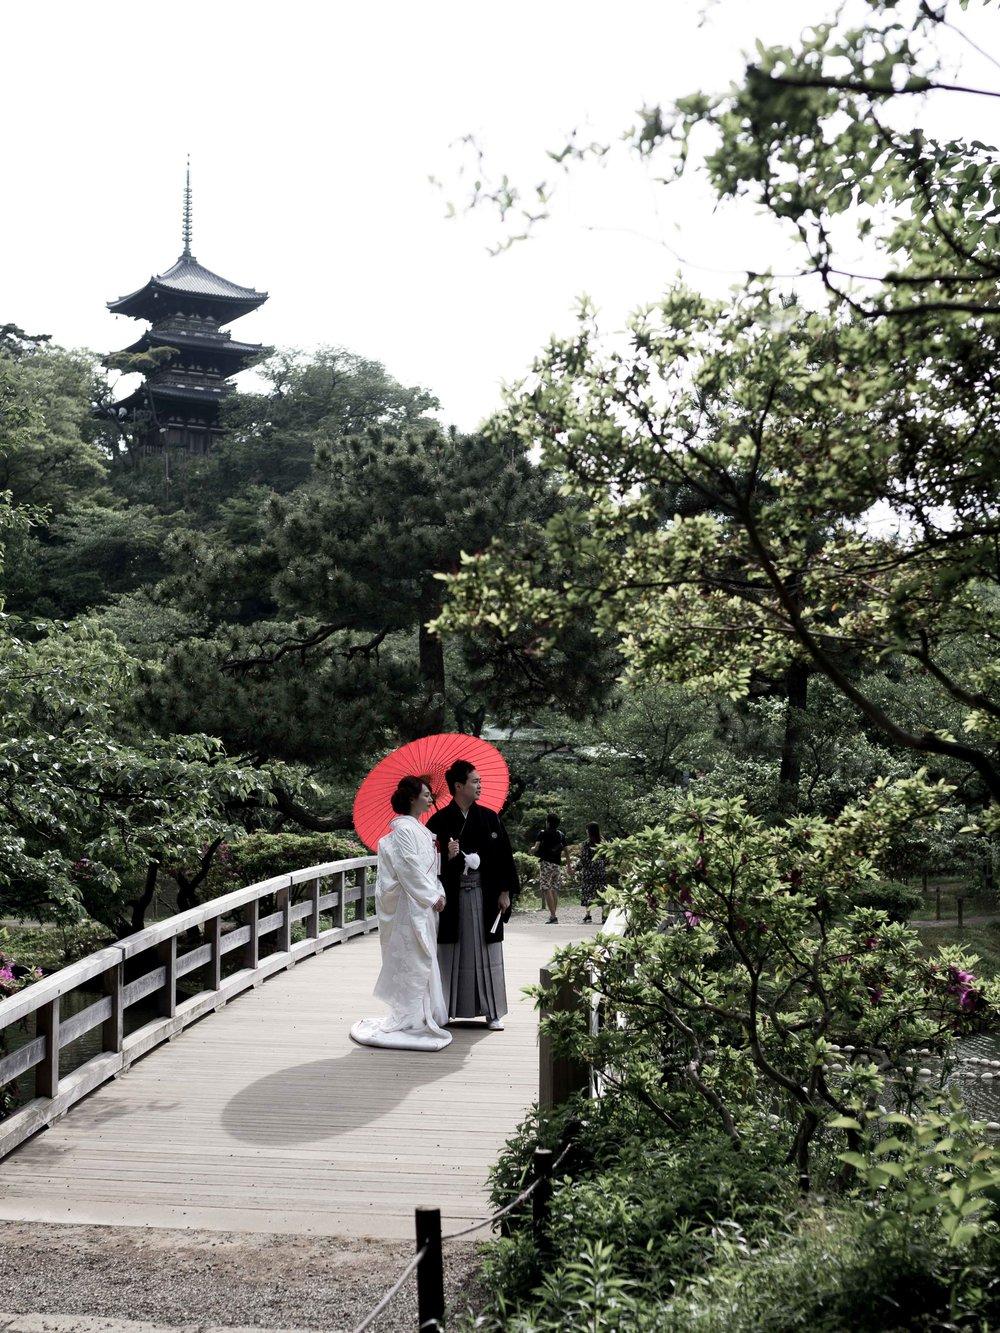 blogpost-japan-7.jpg